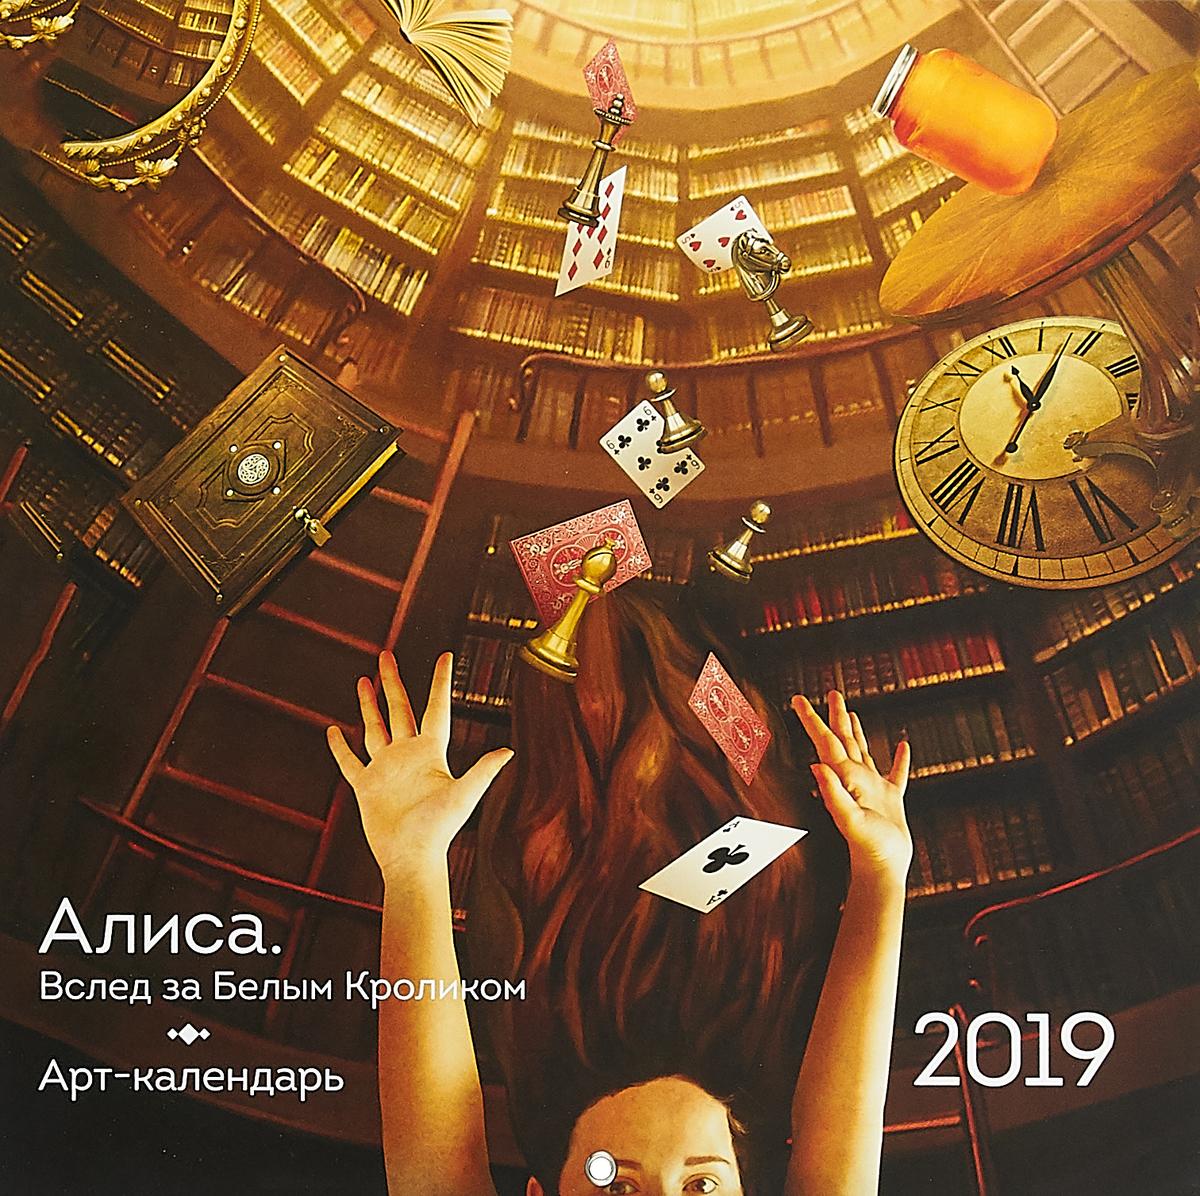 Алиса Вслед за Белым Кроликом. Арт календарь настенный на 2019 год чудеса от алисы календарь настенный на 2017